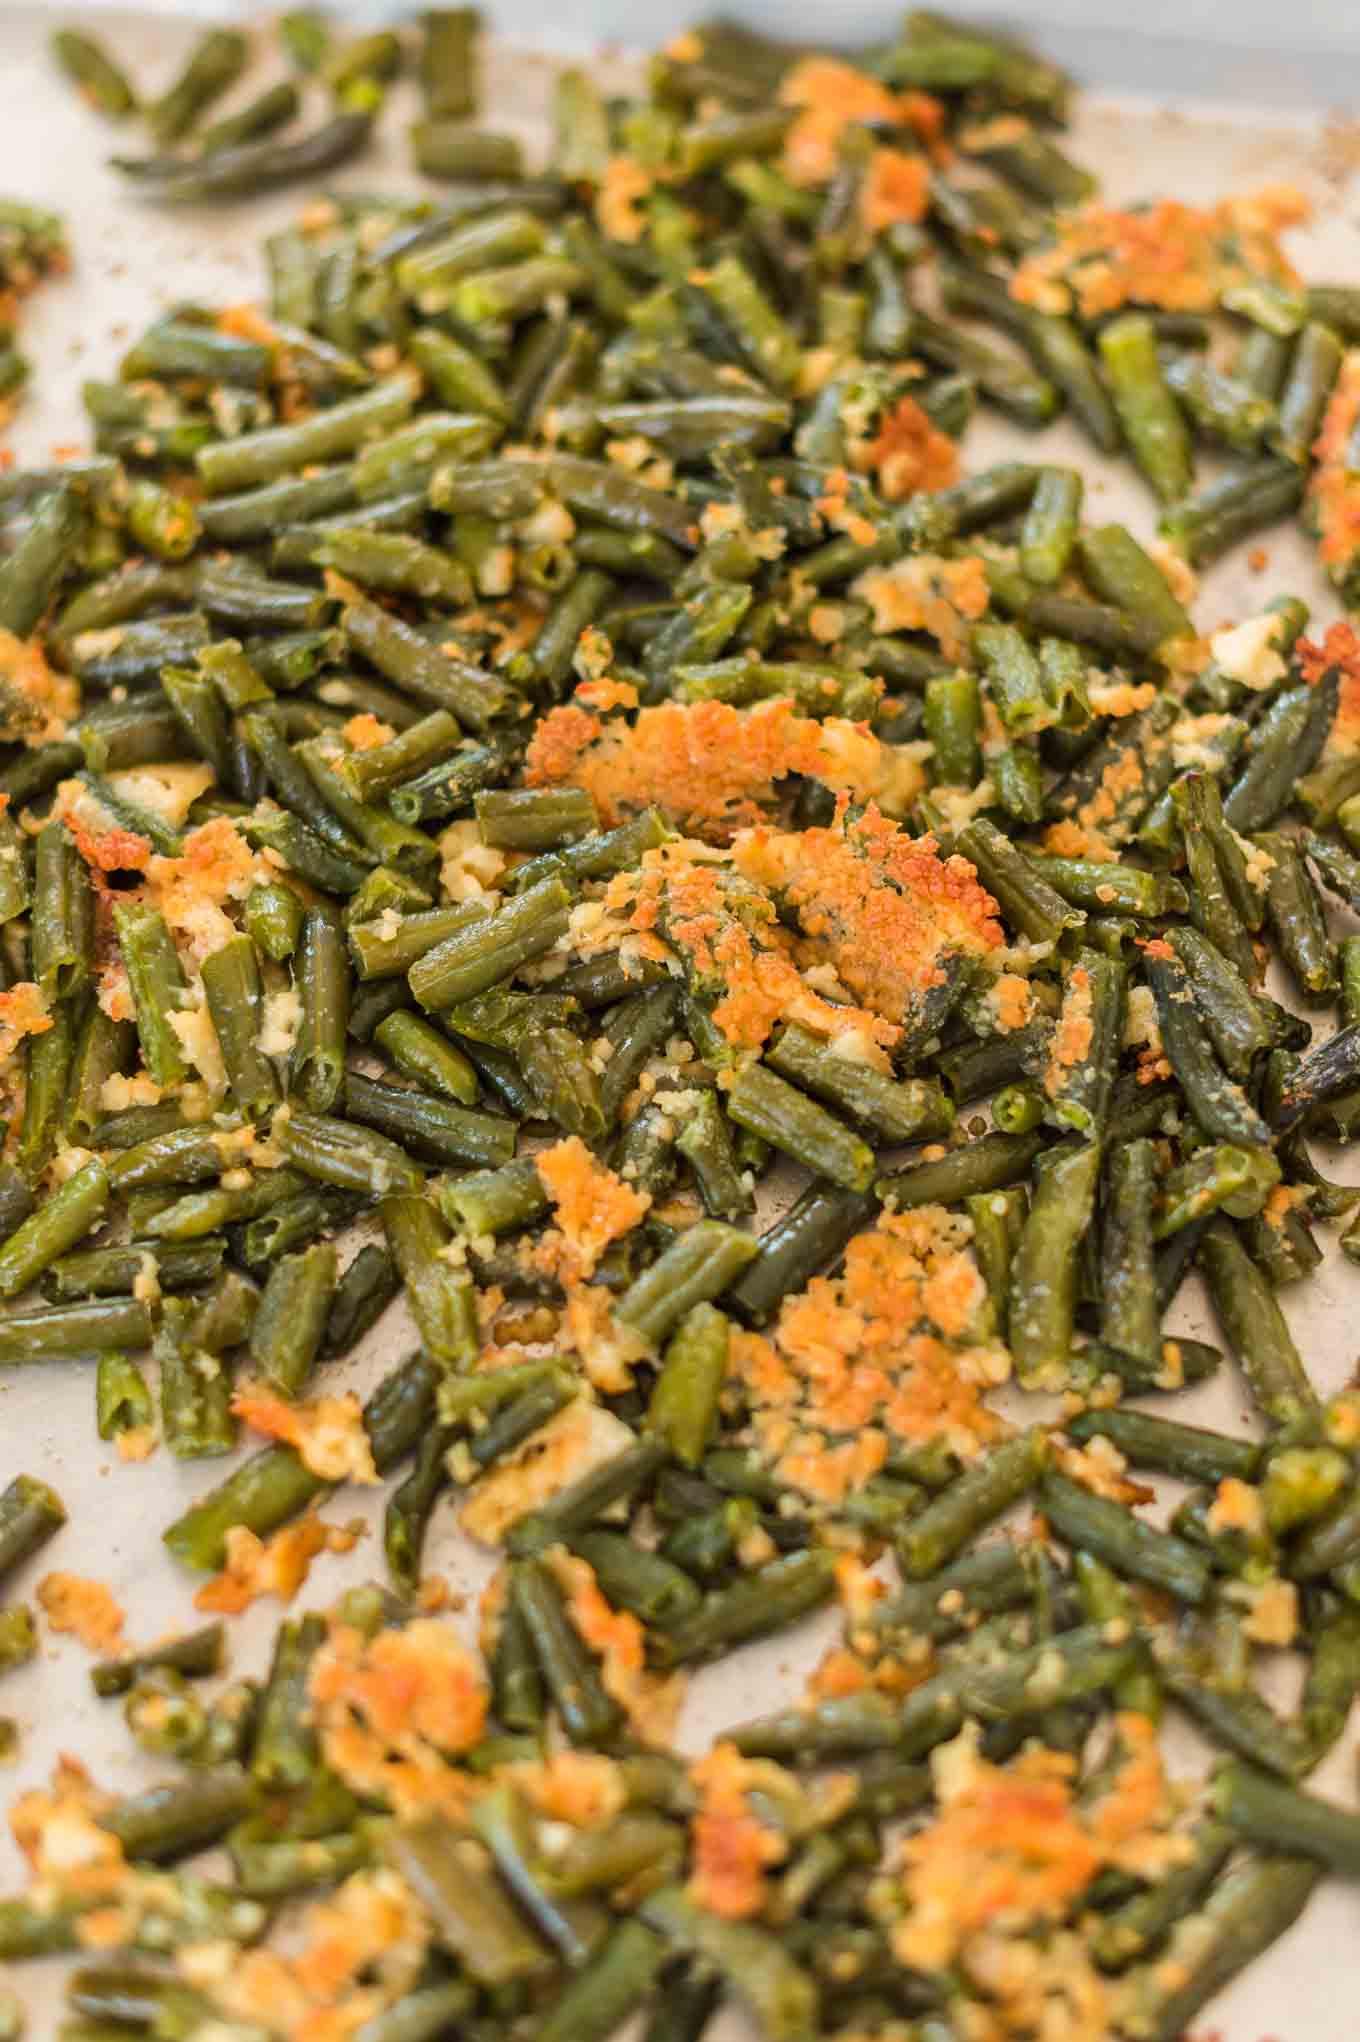 roasted frozen green beans on a baking sheet